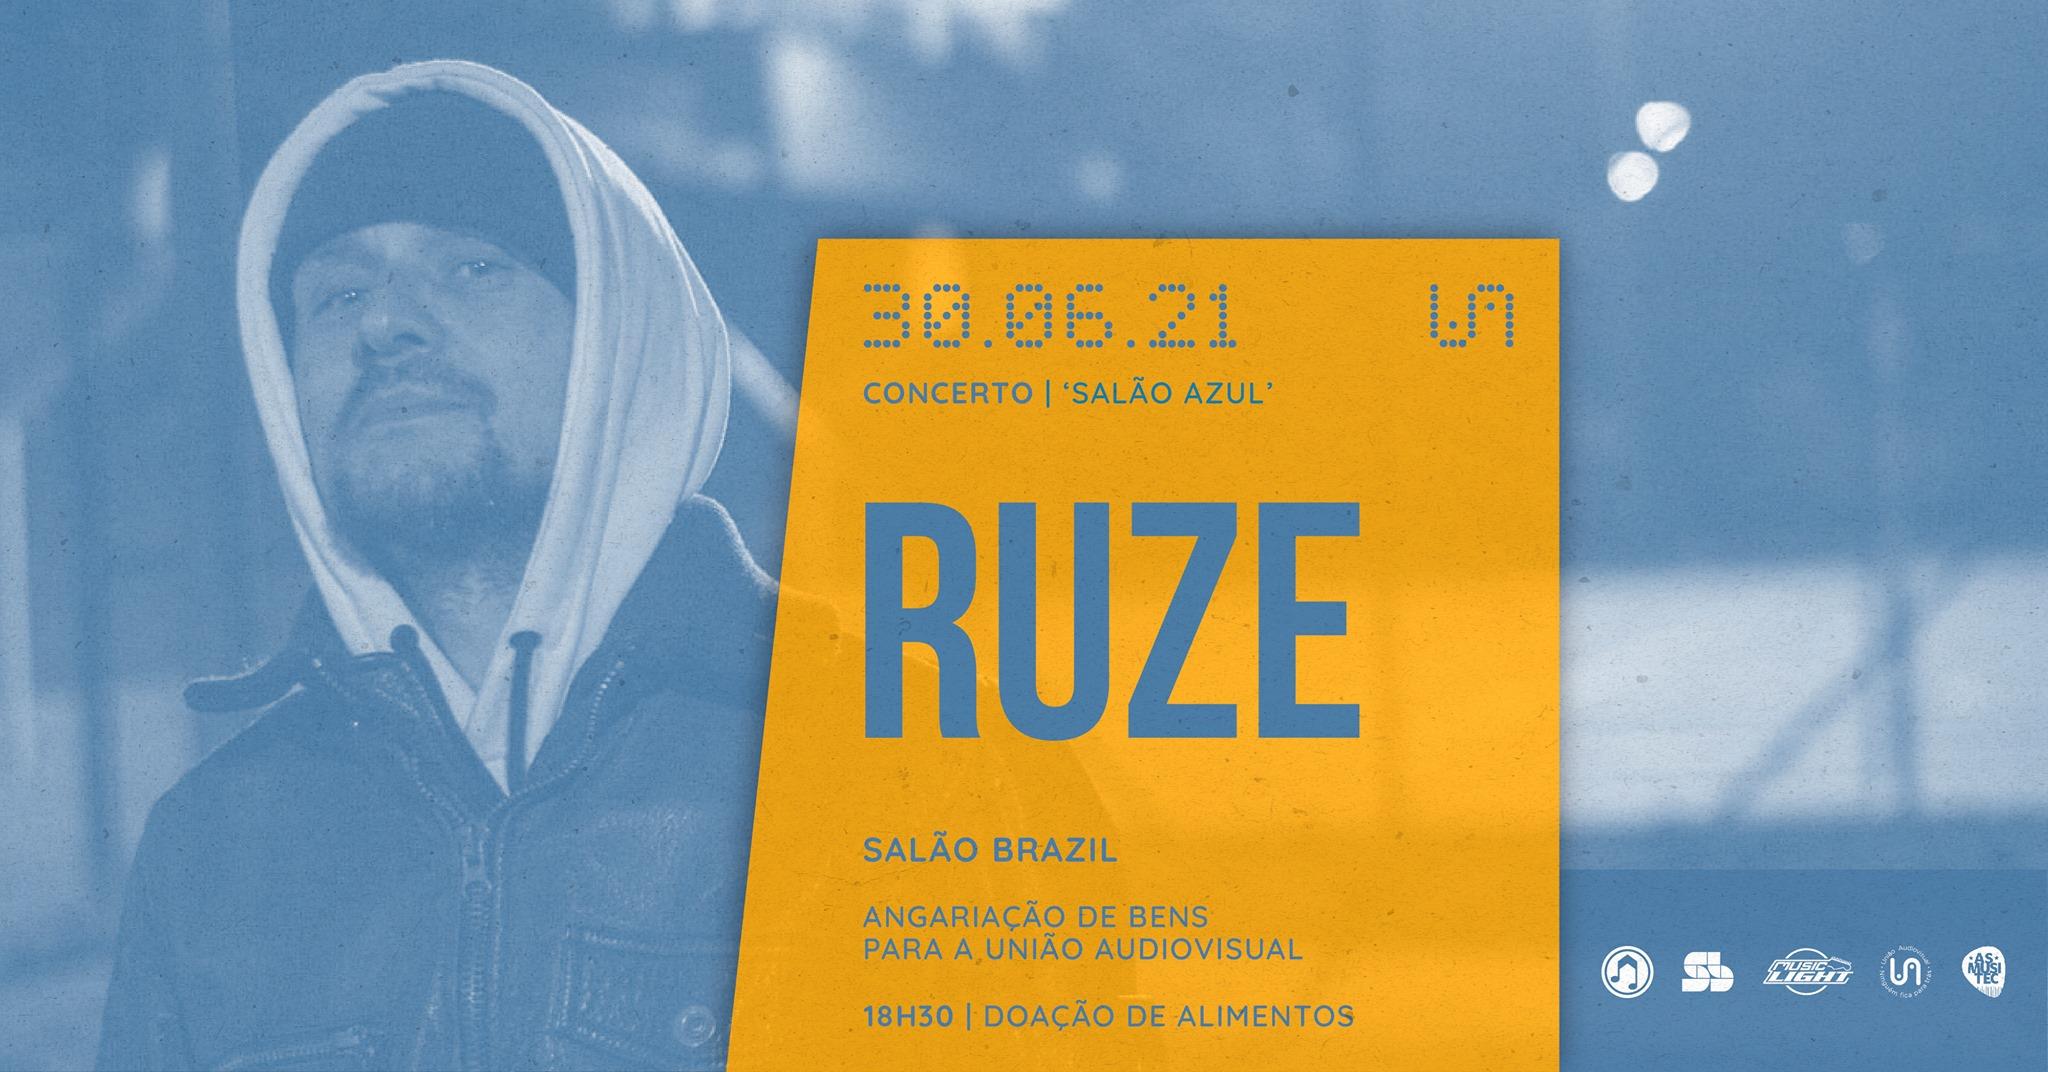 Salão Azul ~ Ruze